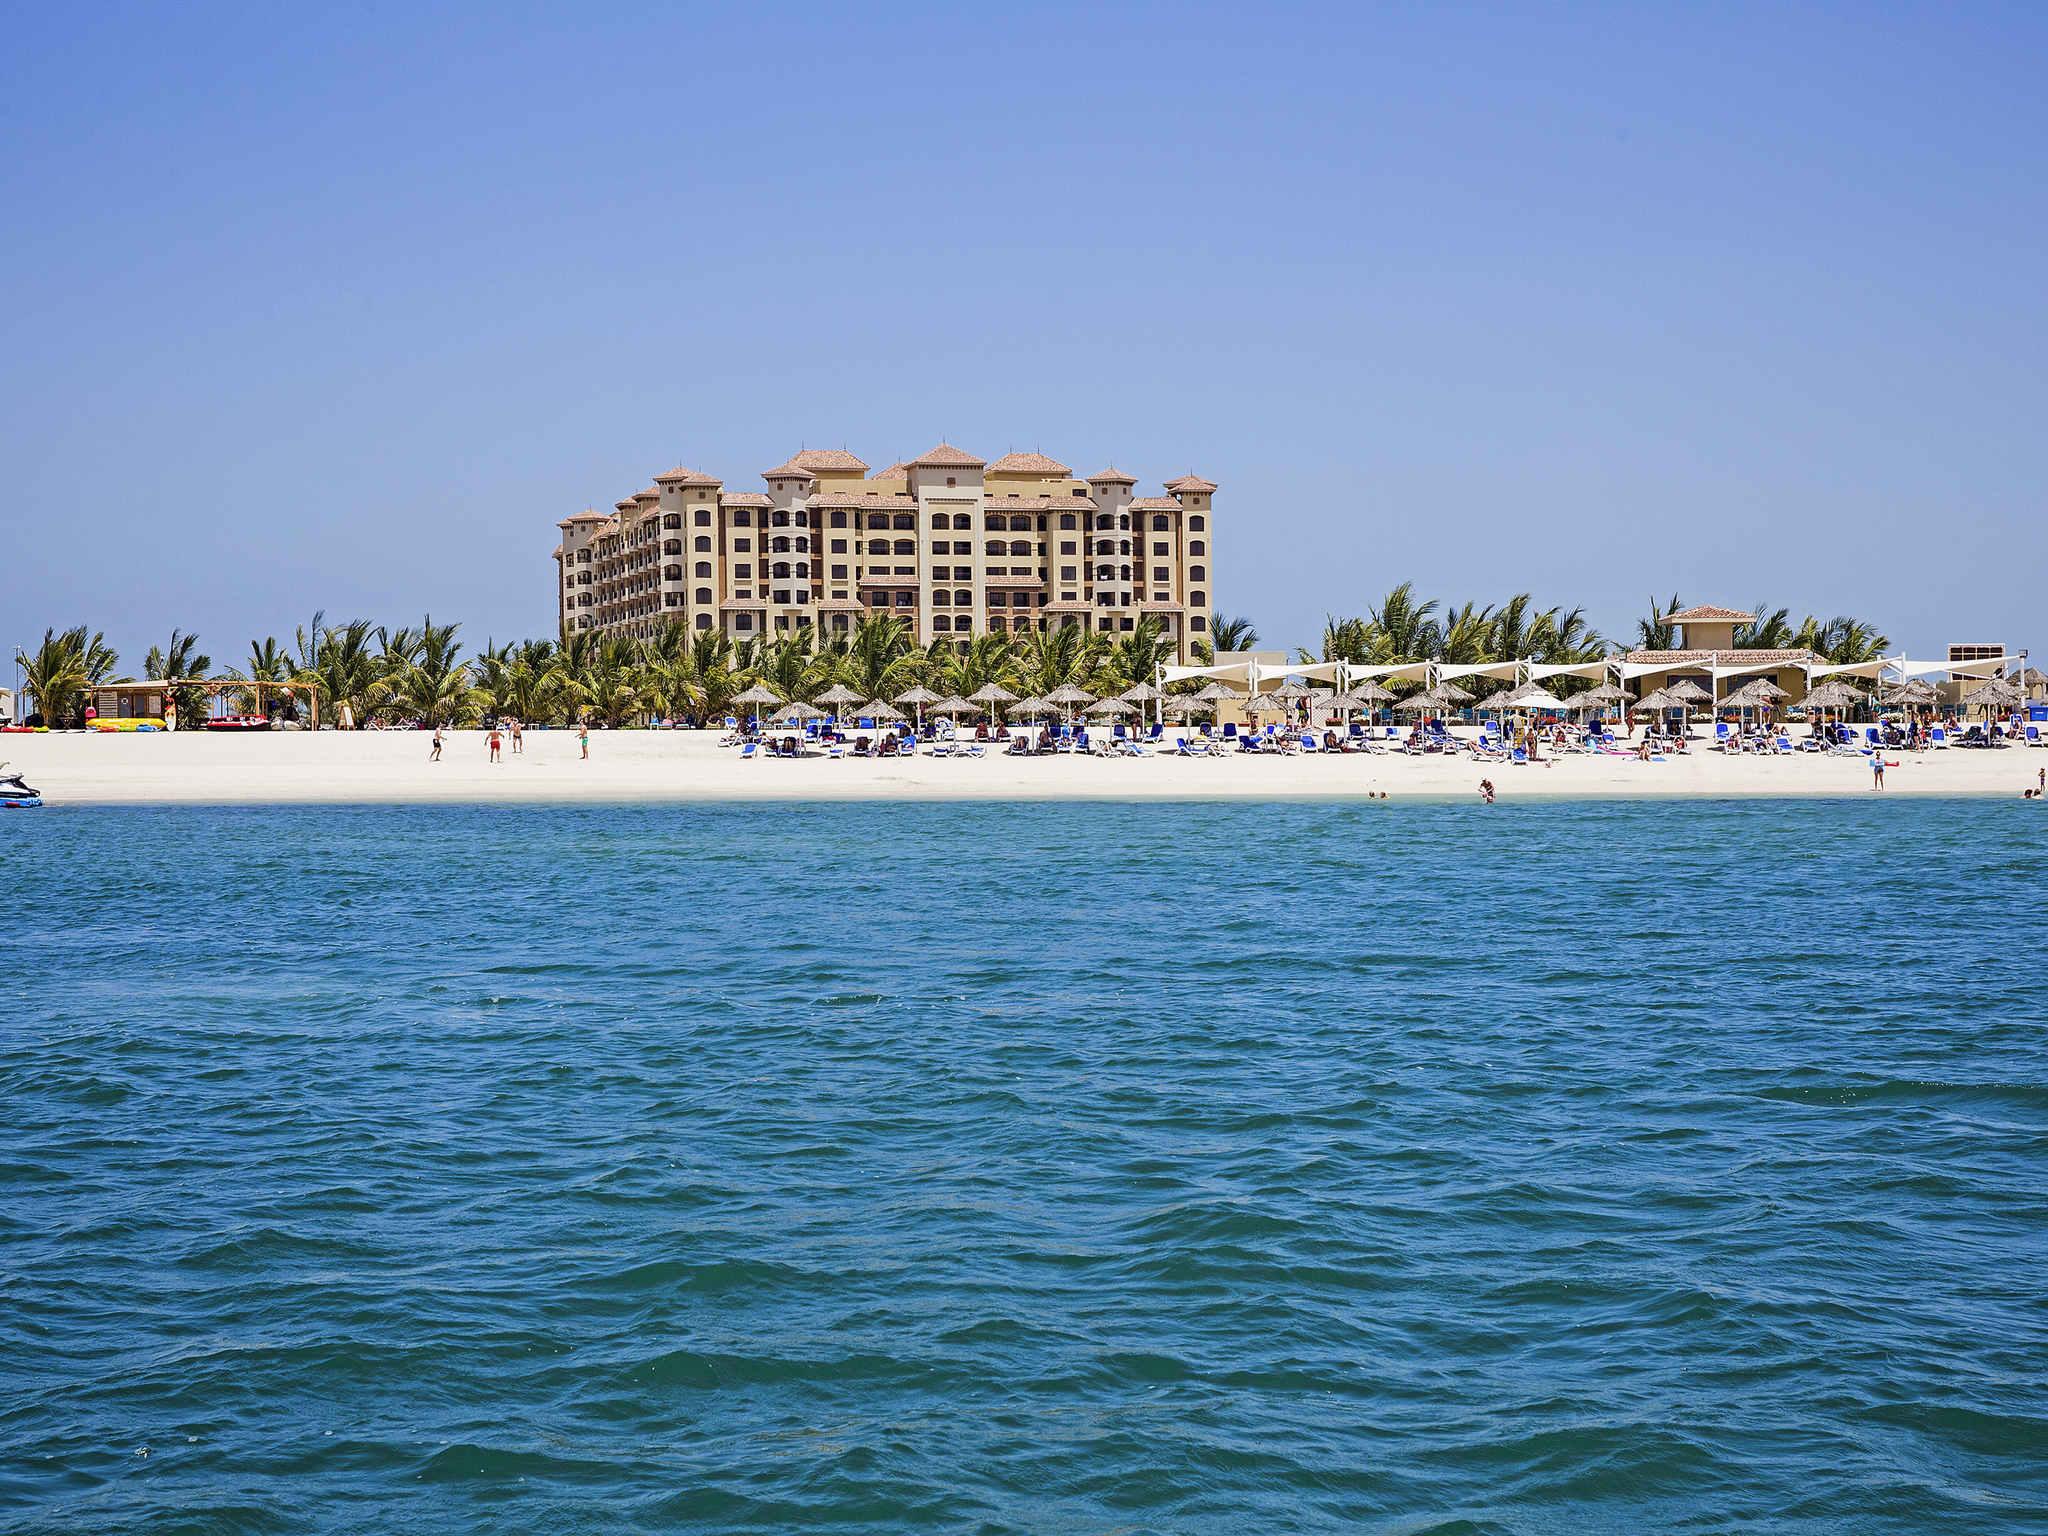 فندق - منتجع وسبا جزيرة المرجان بإدارة فنادق أكور Accor